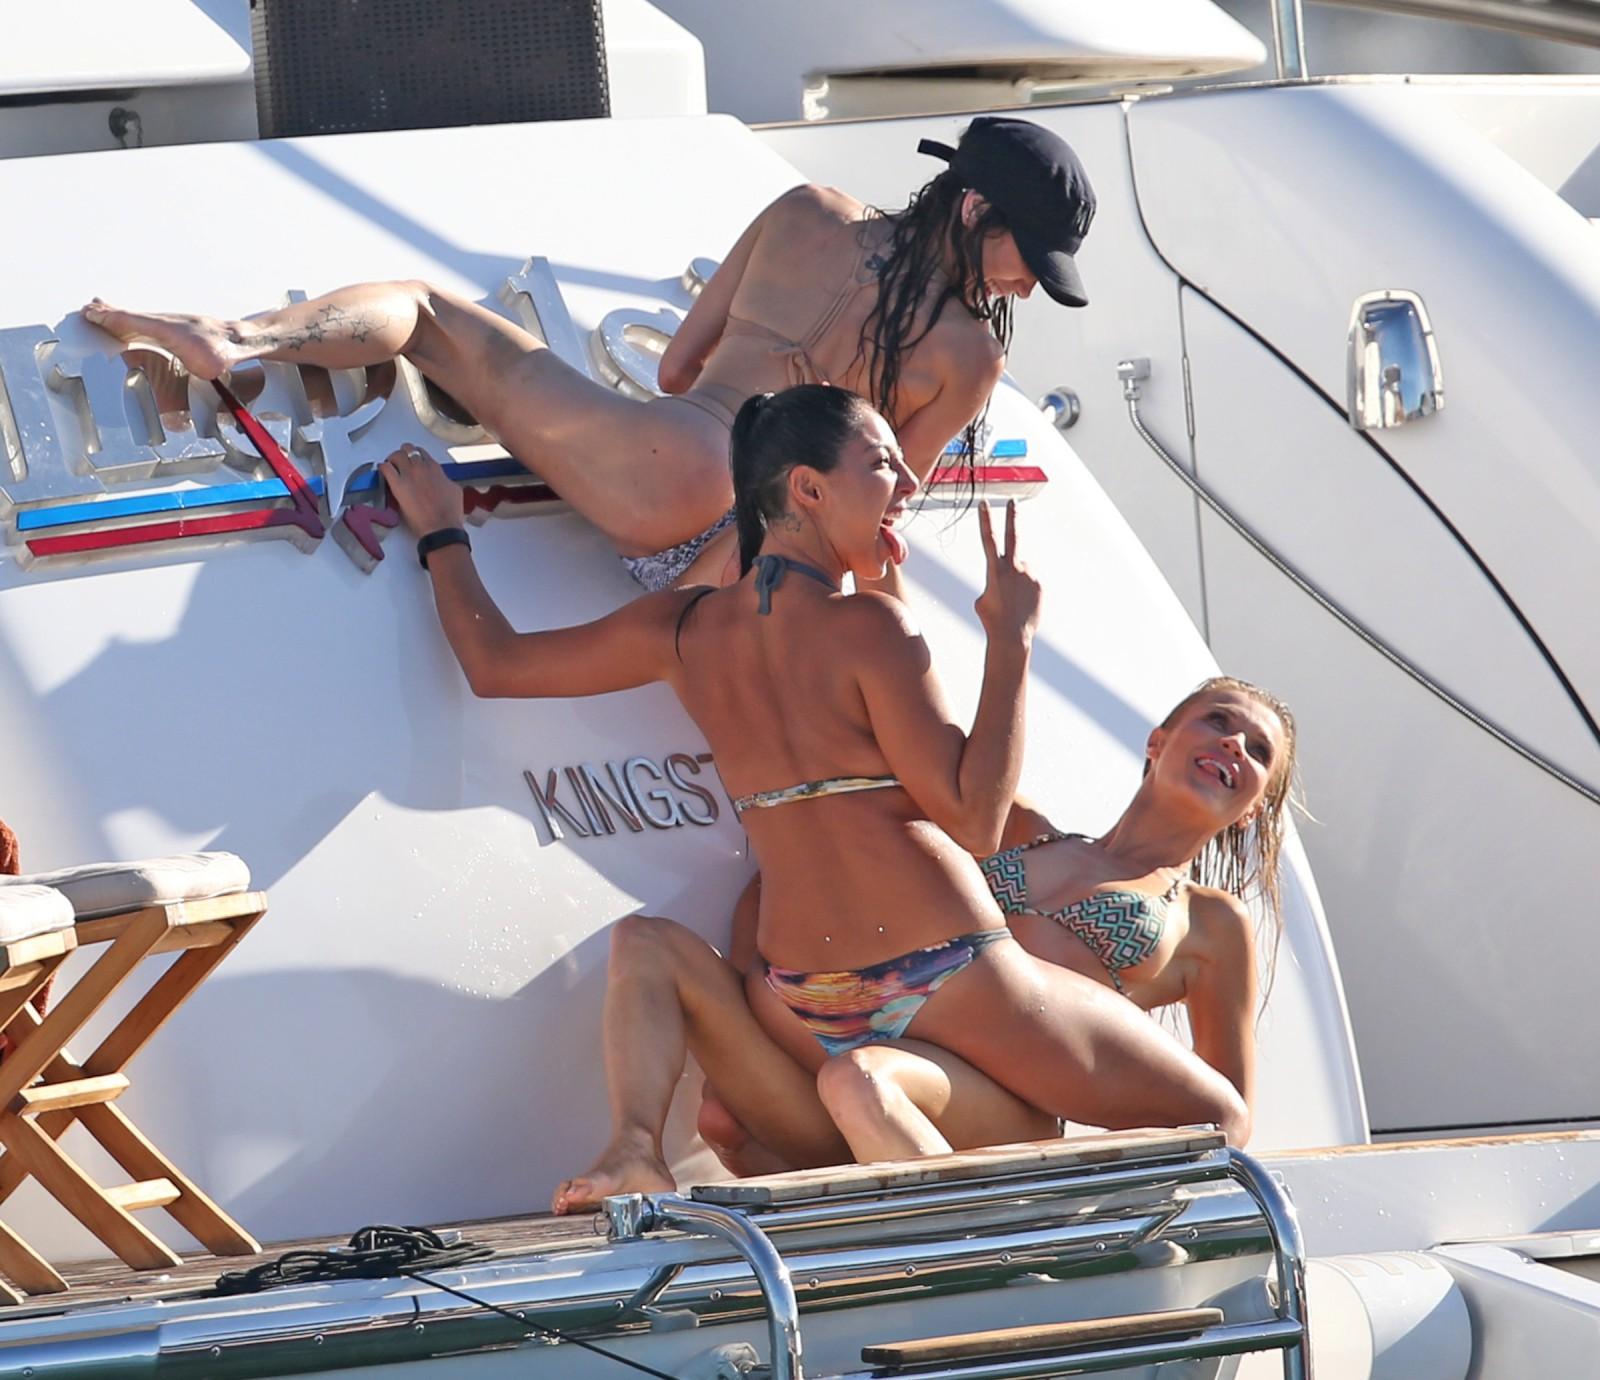 Vanessa cater, laura willette bikini, breasts scene in the do